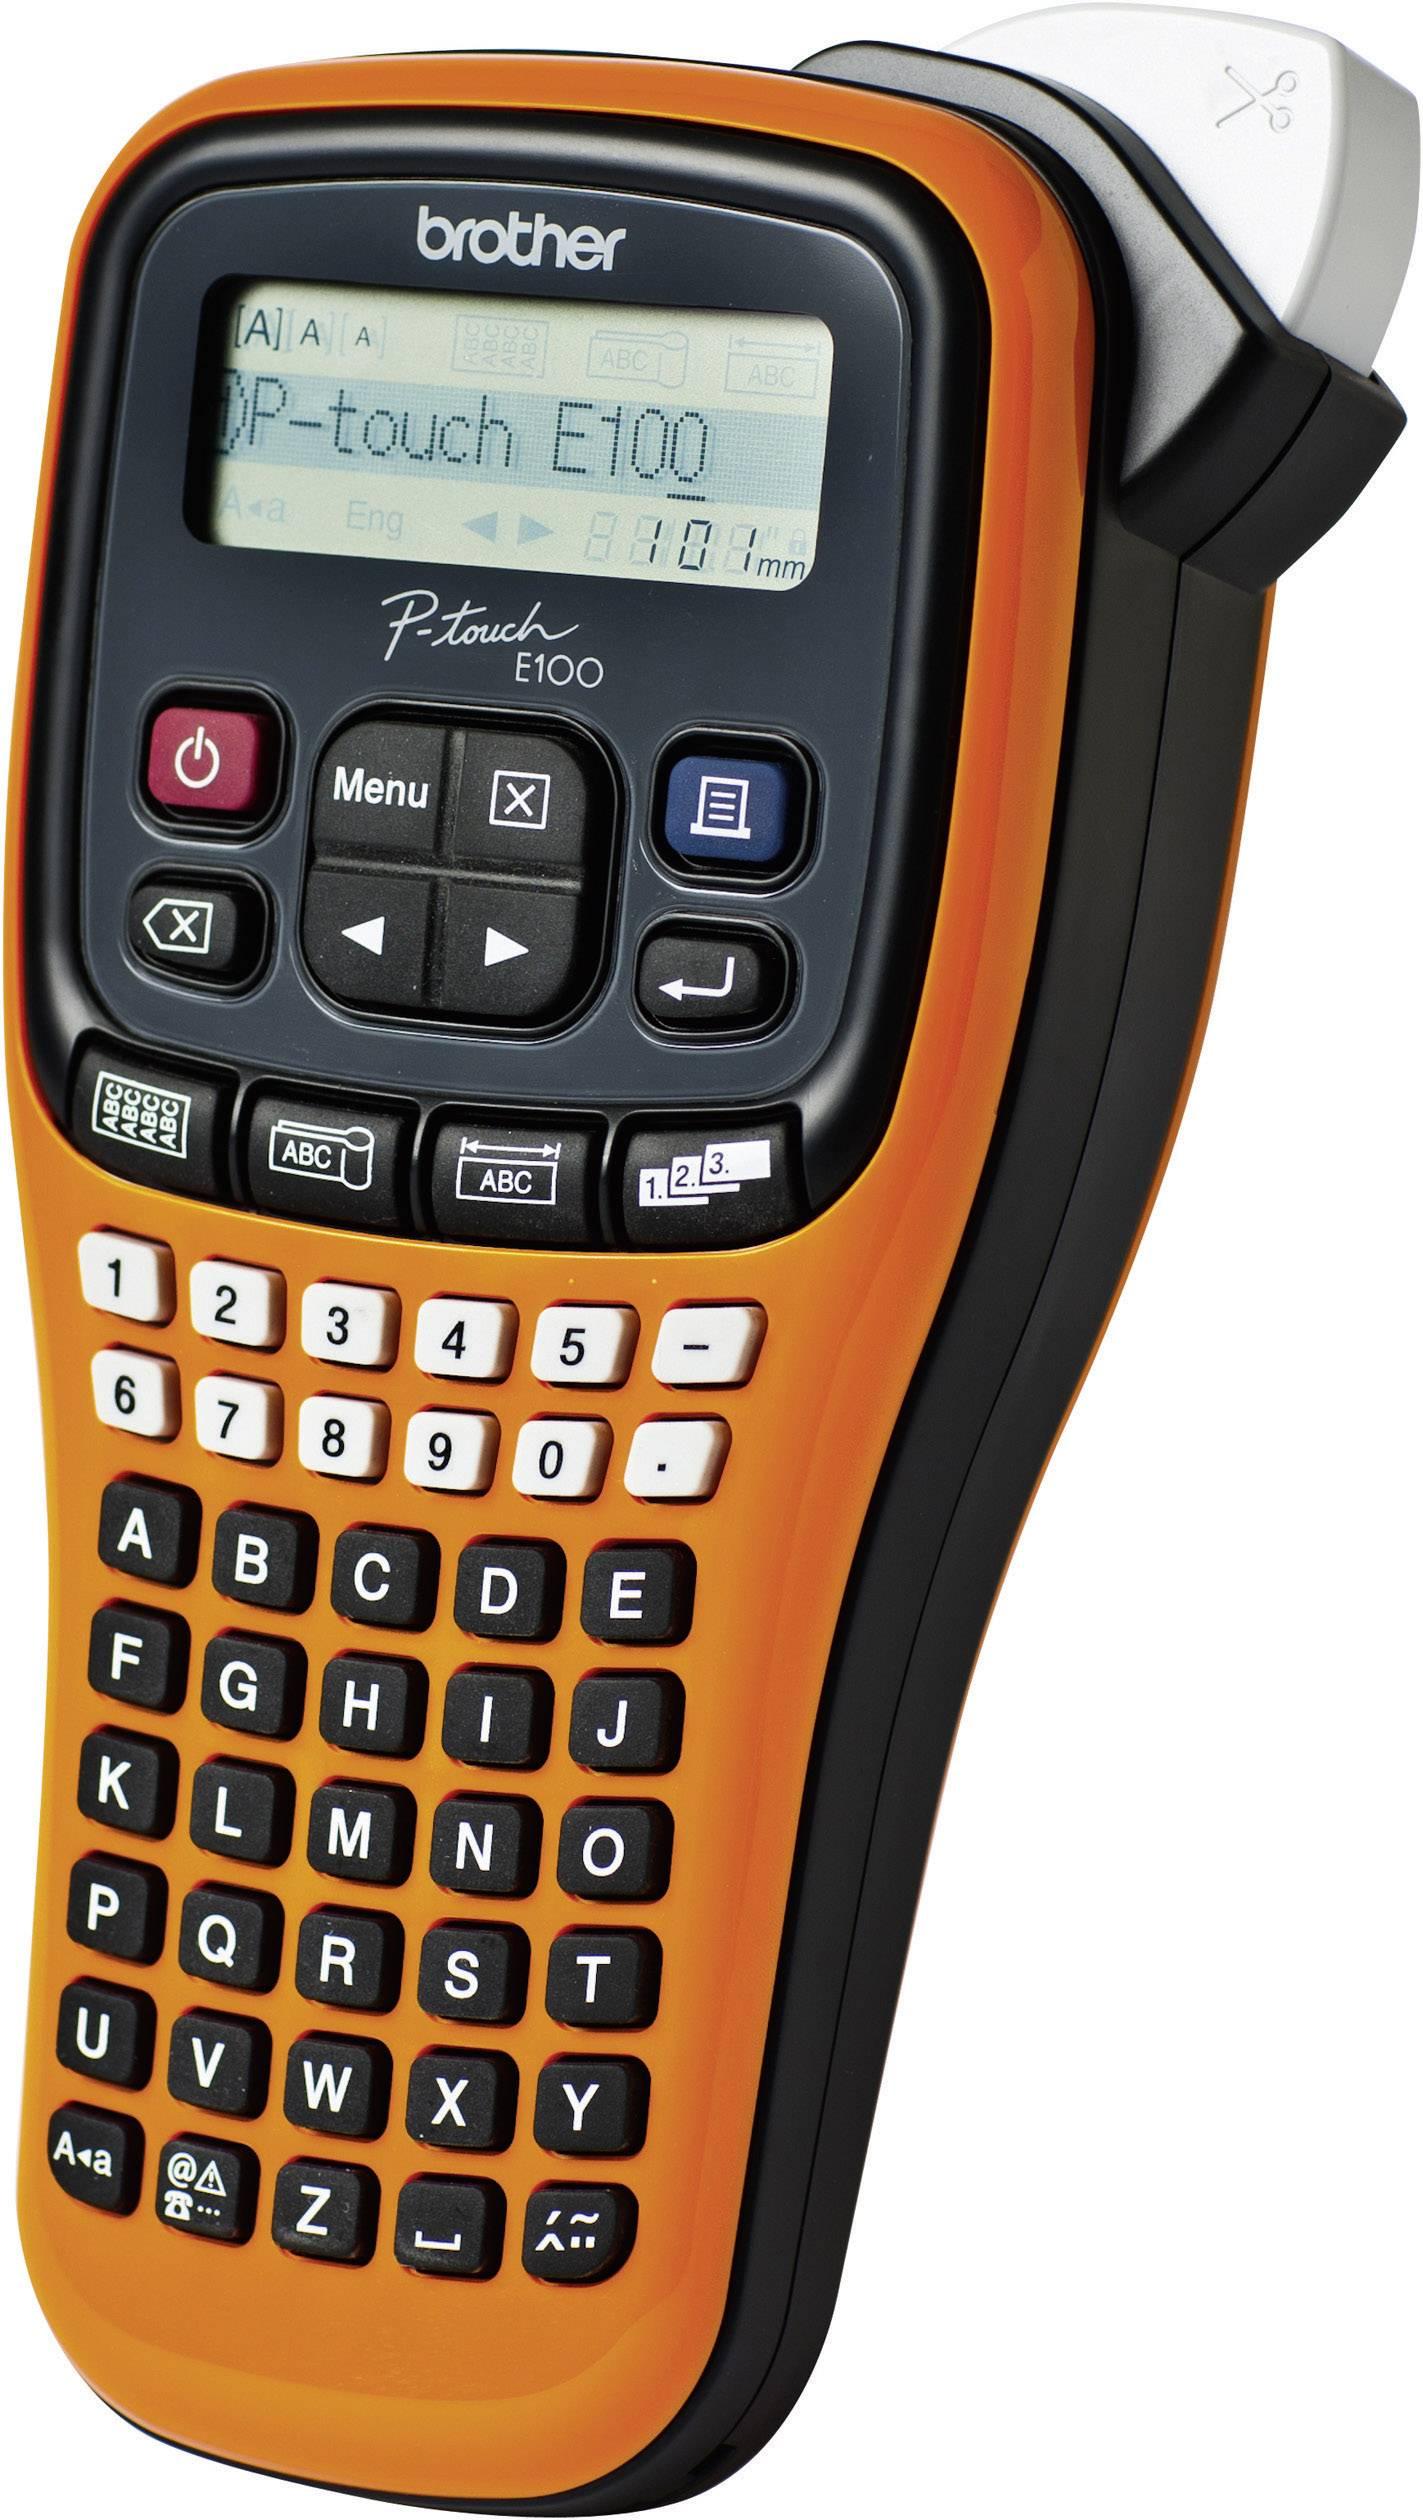 Štítkovač Brother P-touch E100 PTE100G1